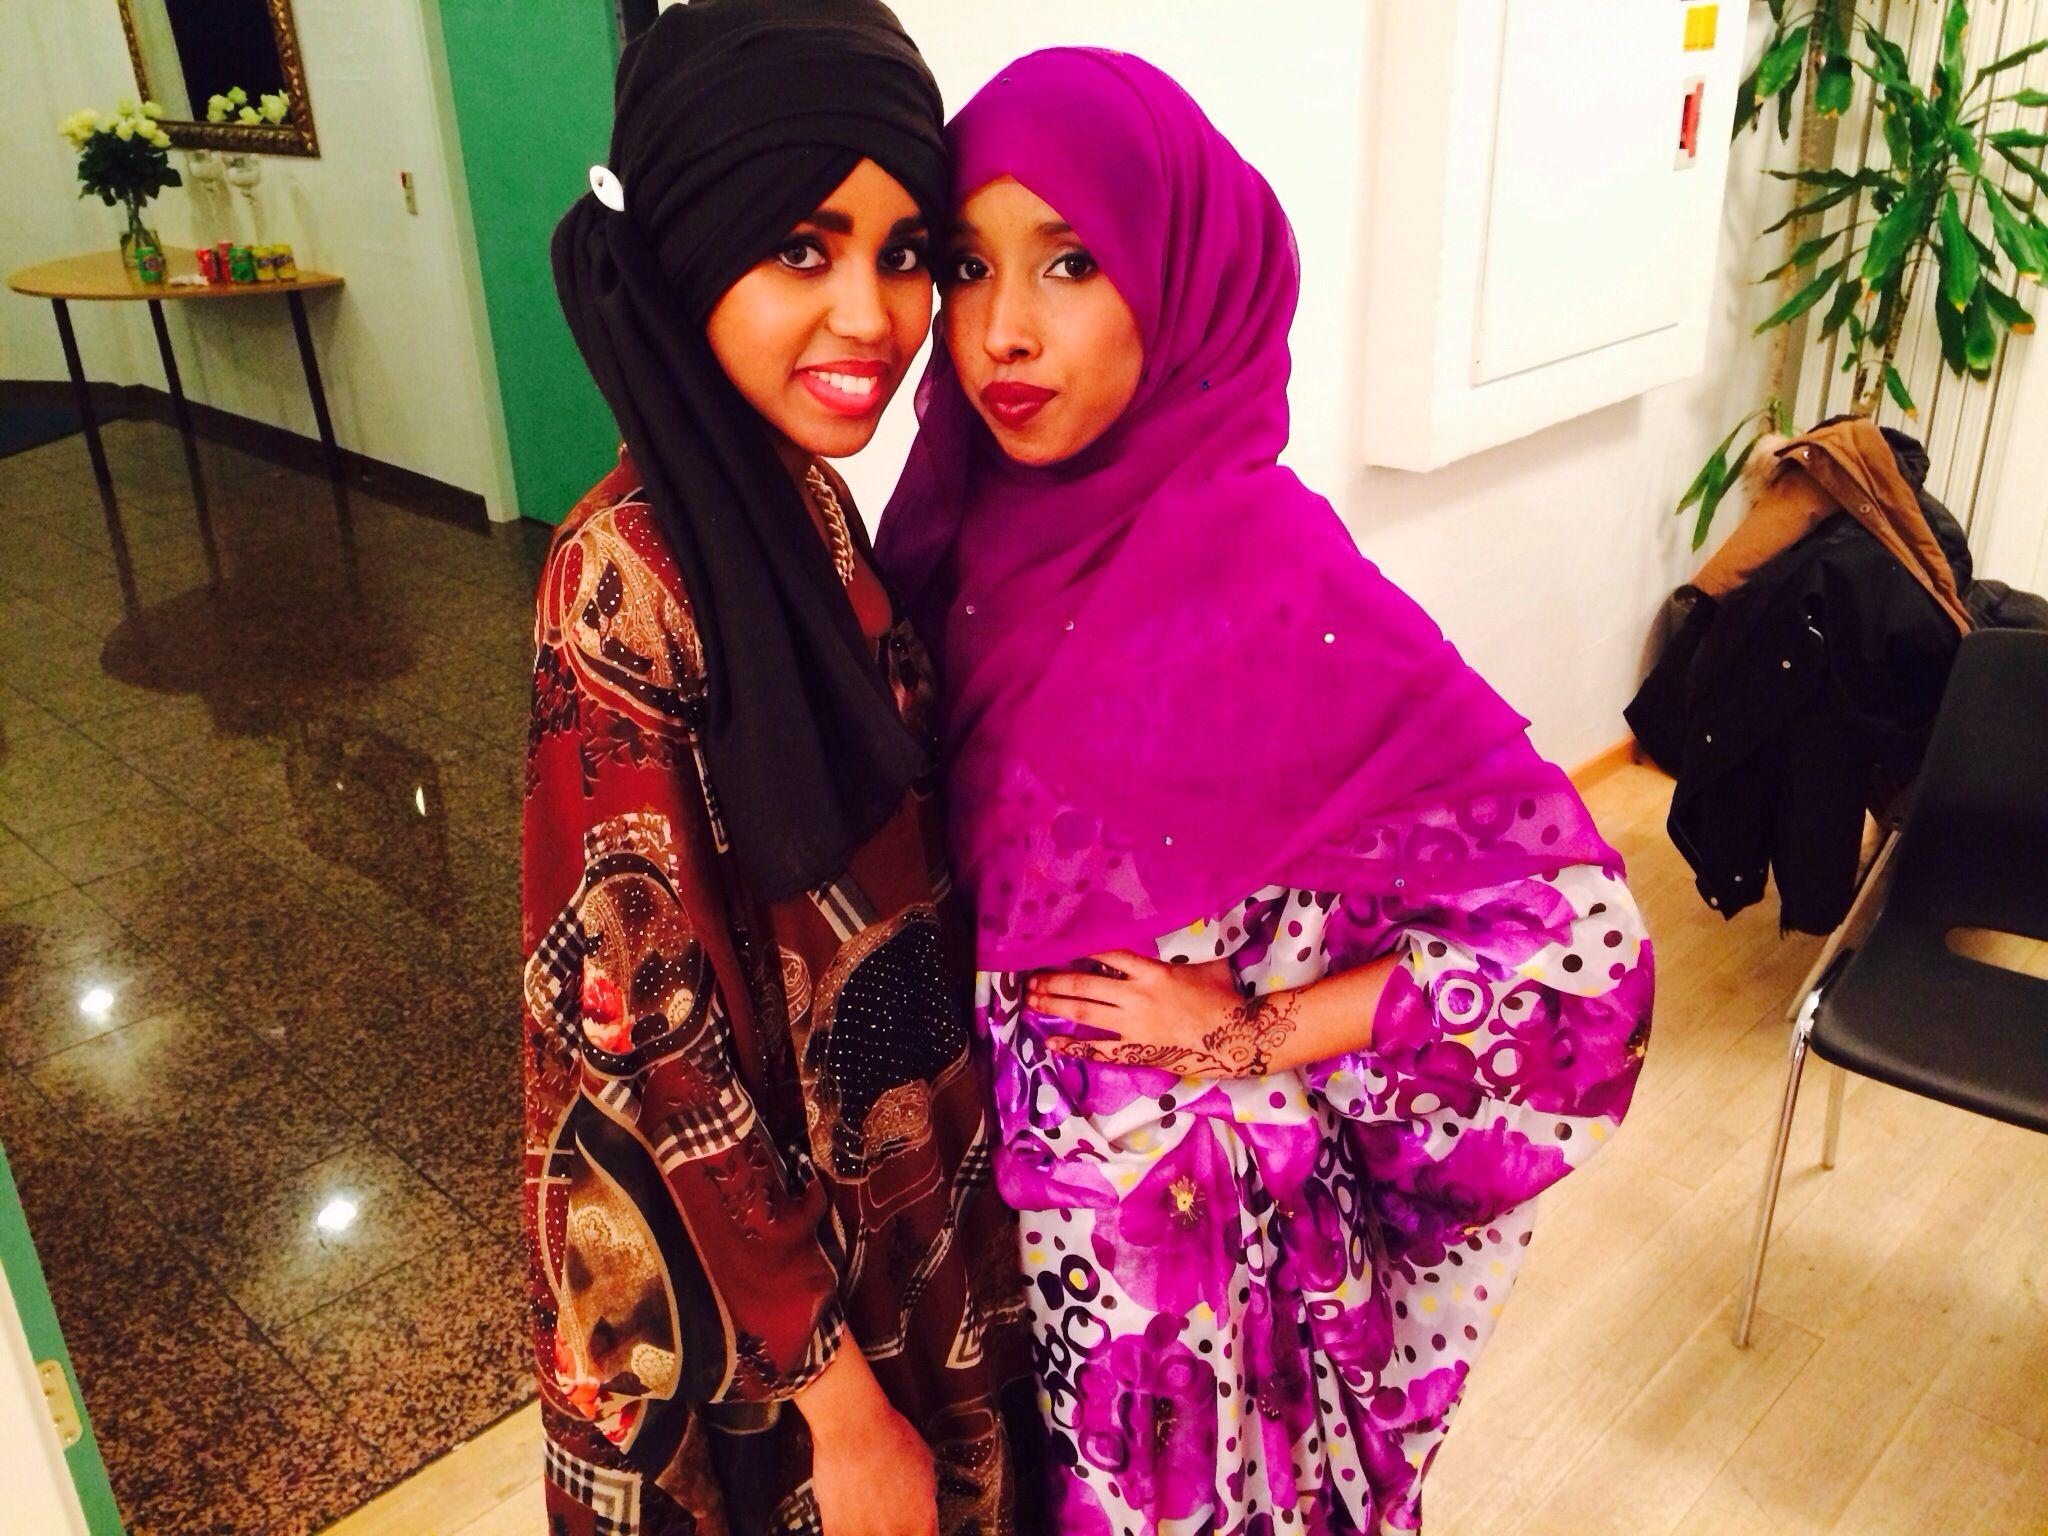 Live free somali teens loosing virginity